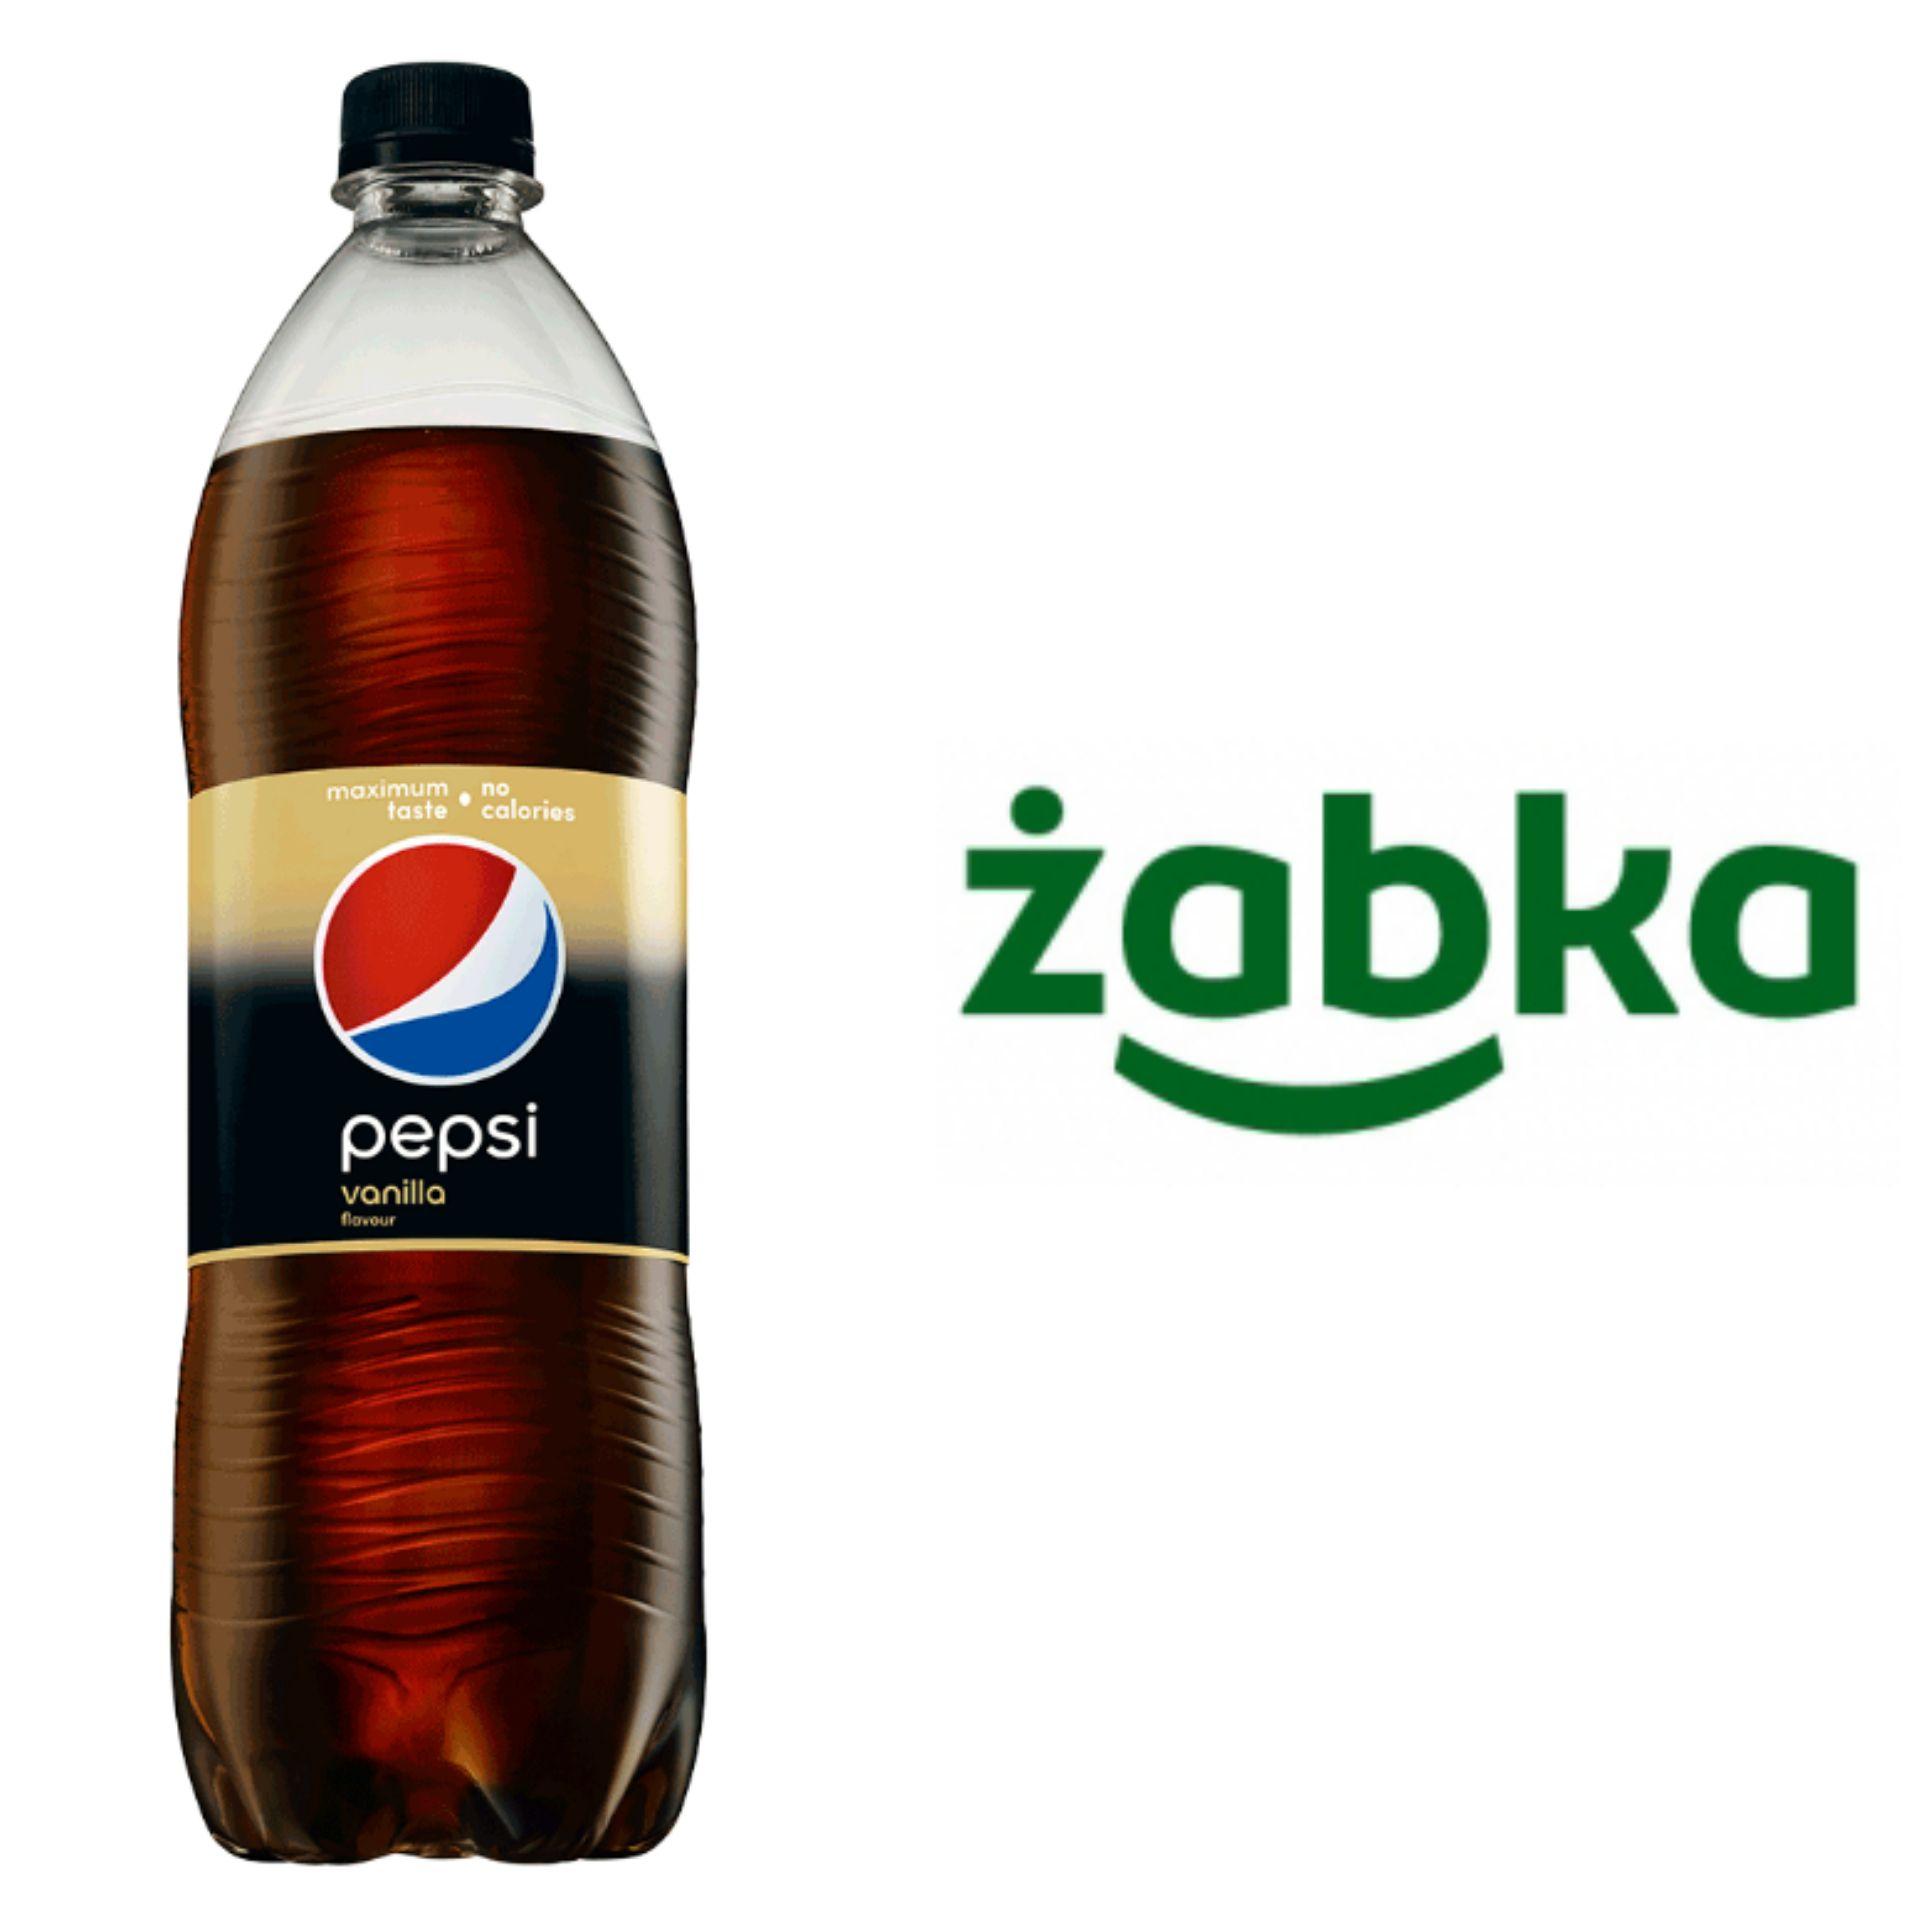 Pepsi Vanilla 2,79zł/l przy zakupie dwóch sztuk @ Żabka